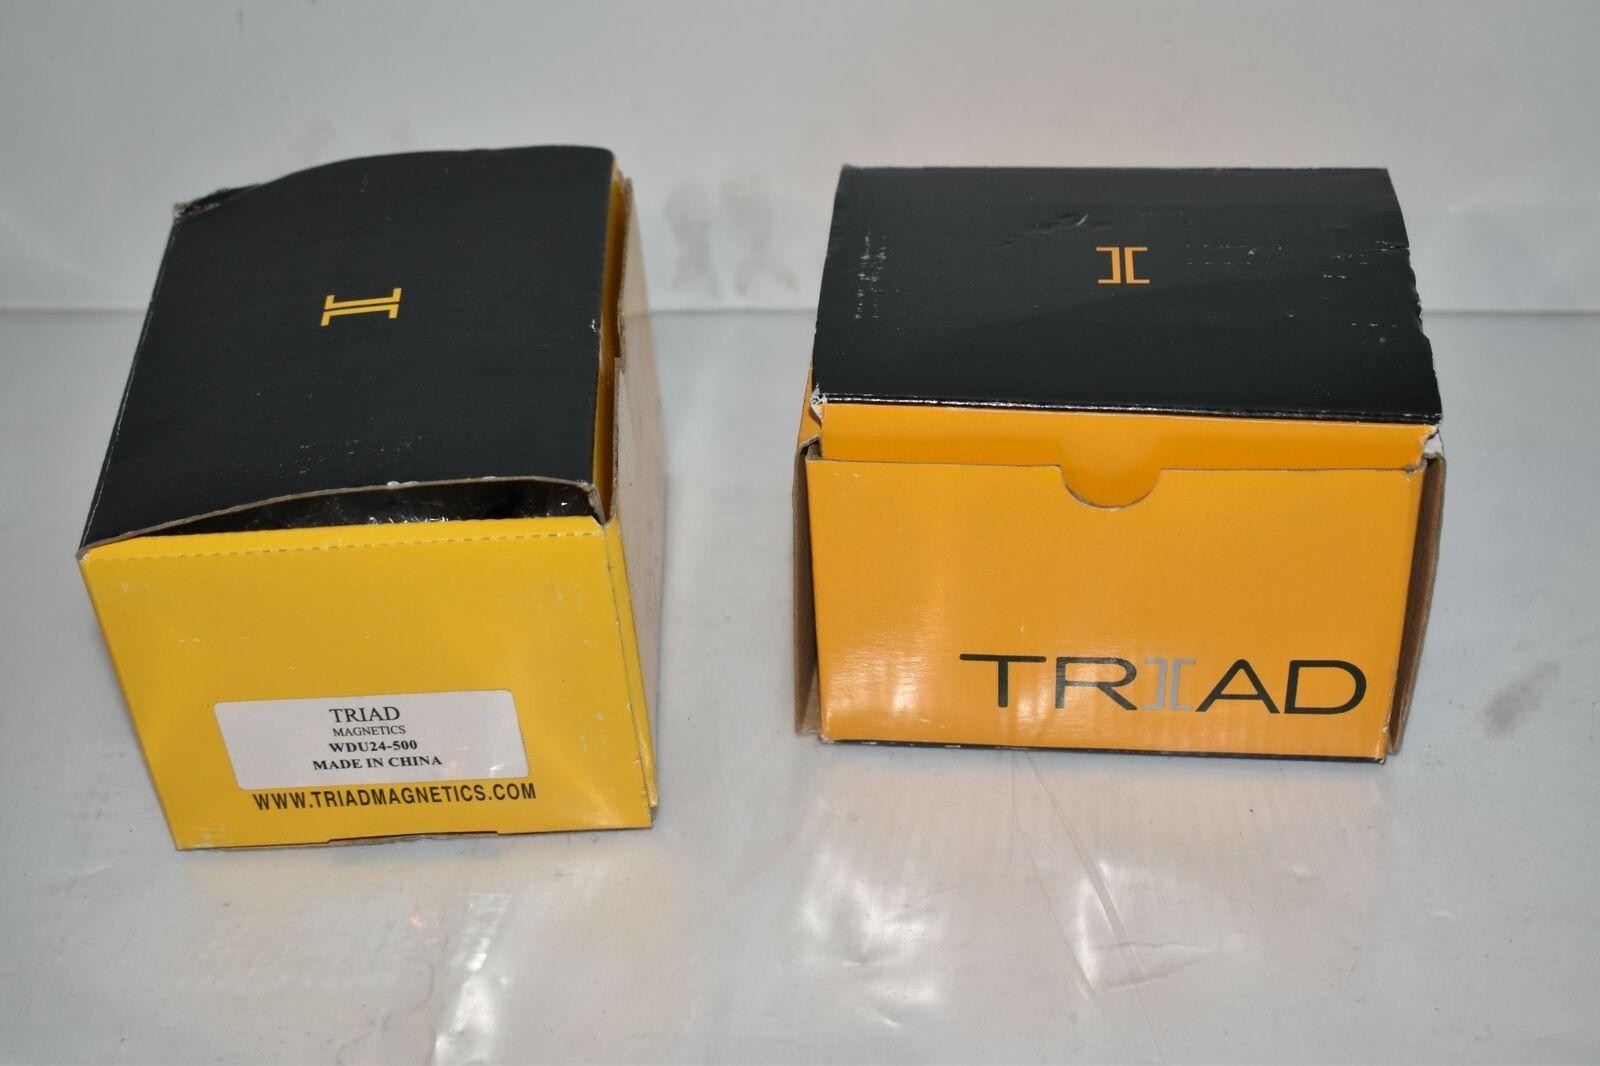 ^^ TRIAD MAGNETICS WDU24-500 AC ADAPTER - LOT OF 2 - NEW (FL100)